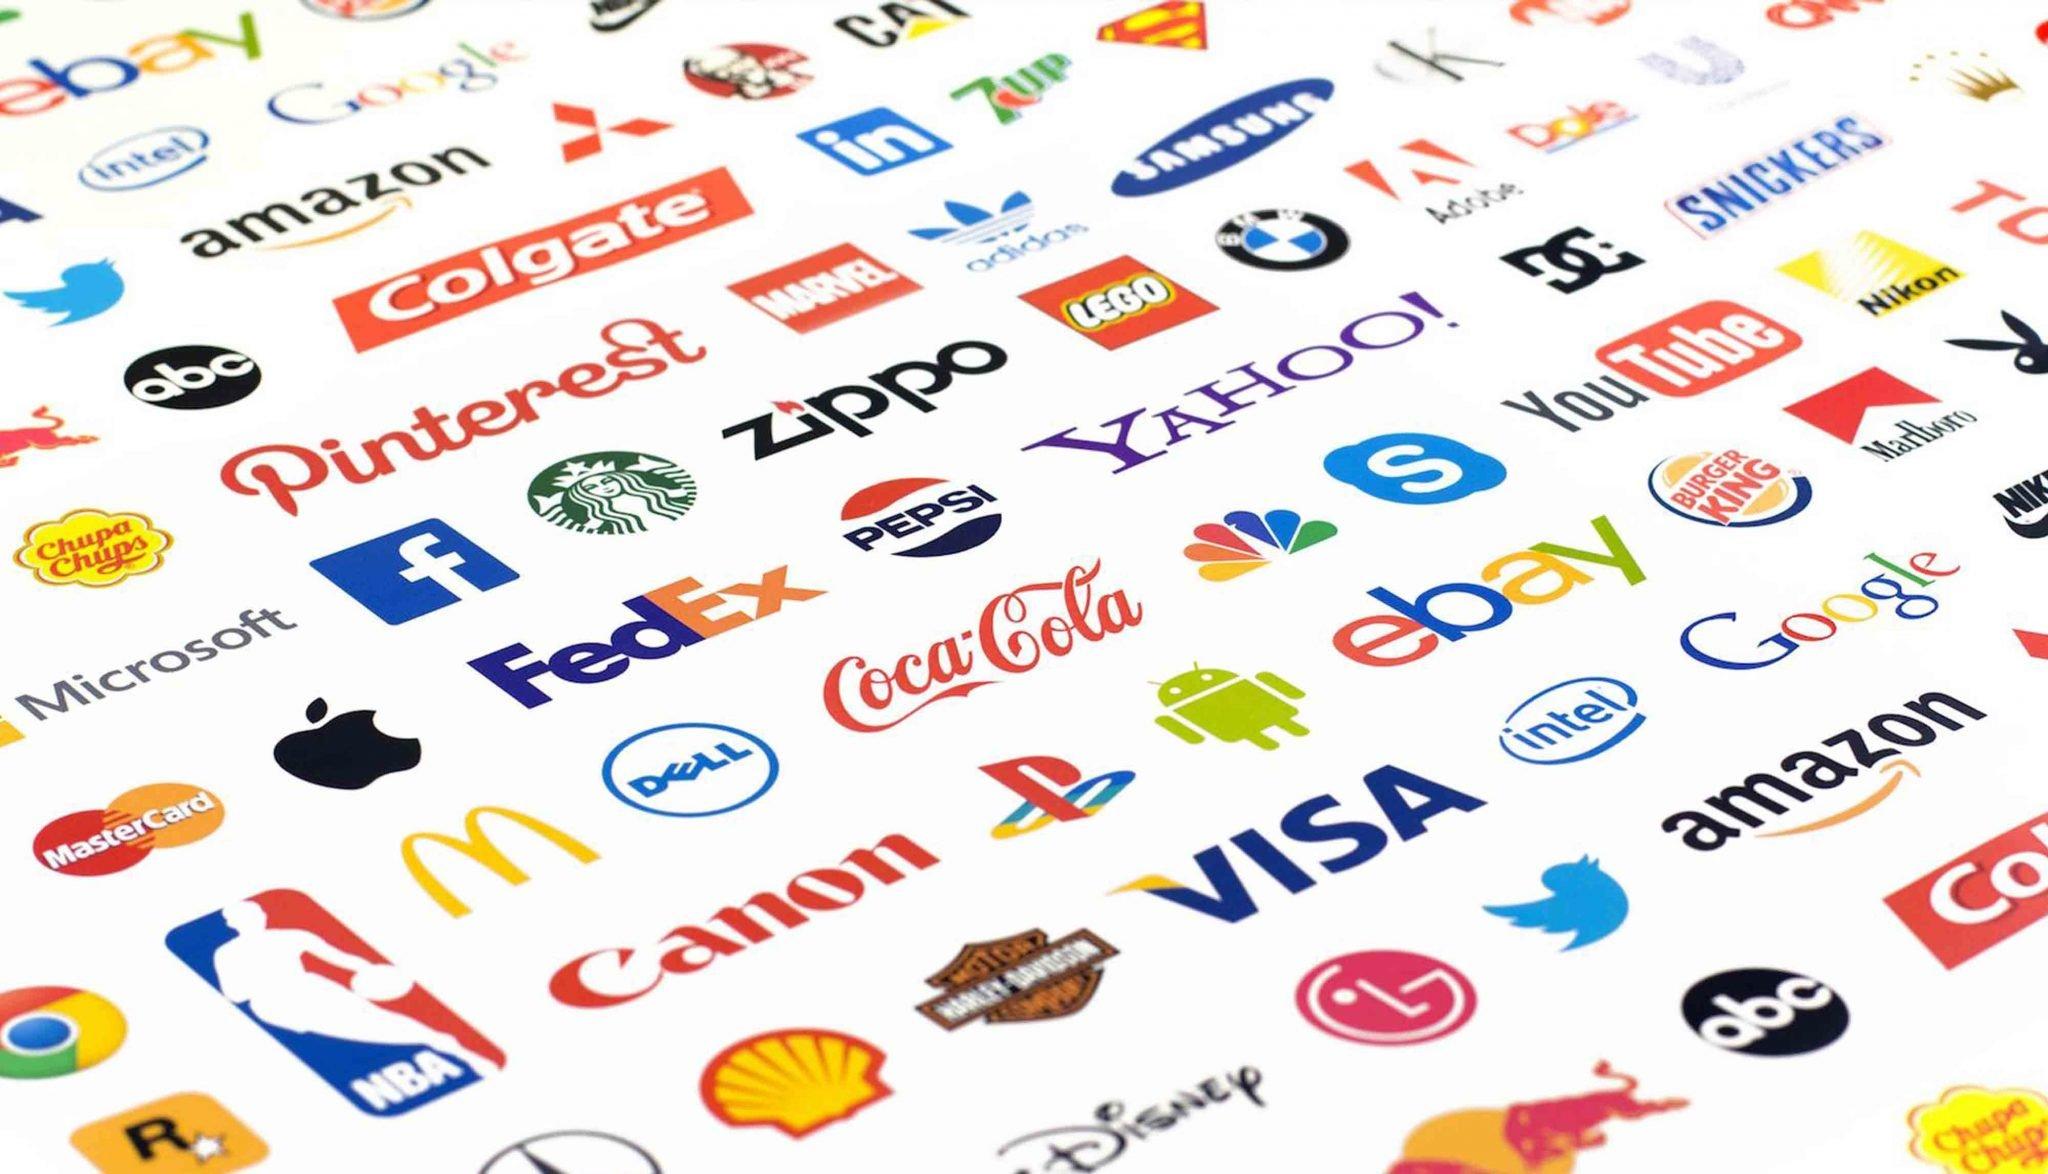 L'importanza della Brand Identity e perchè non sottovalutarla